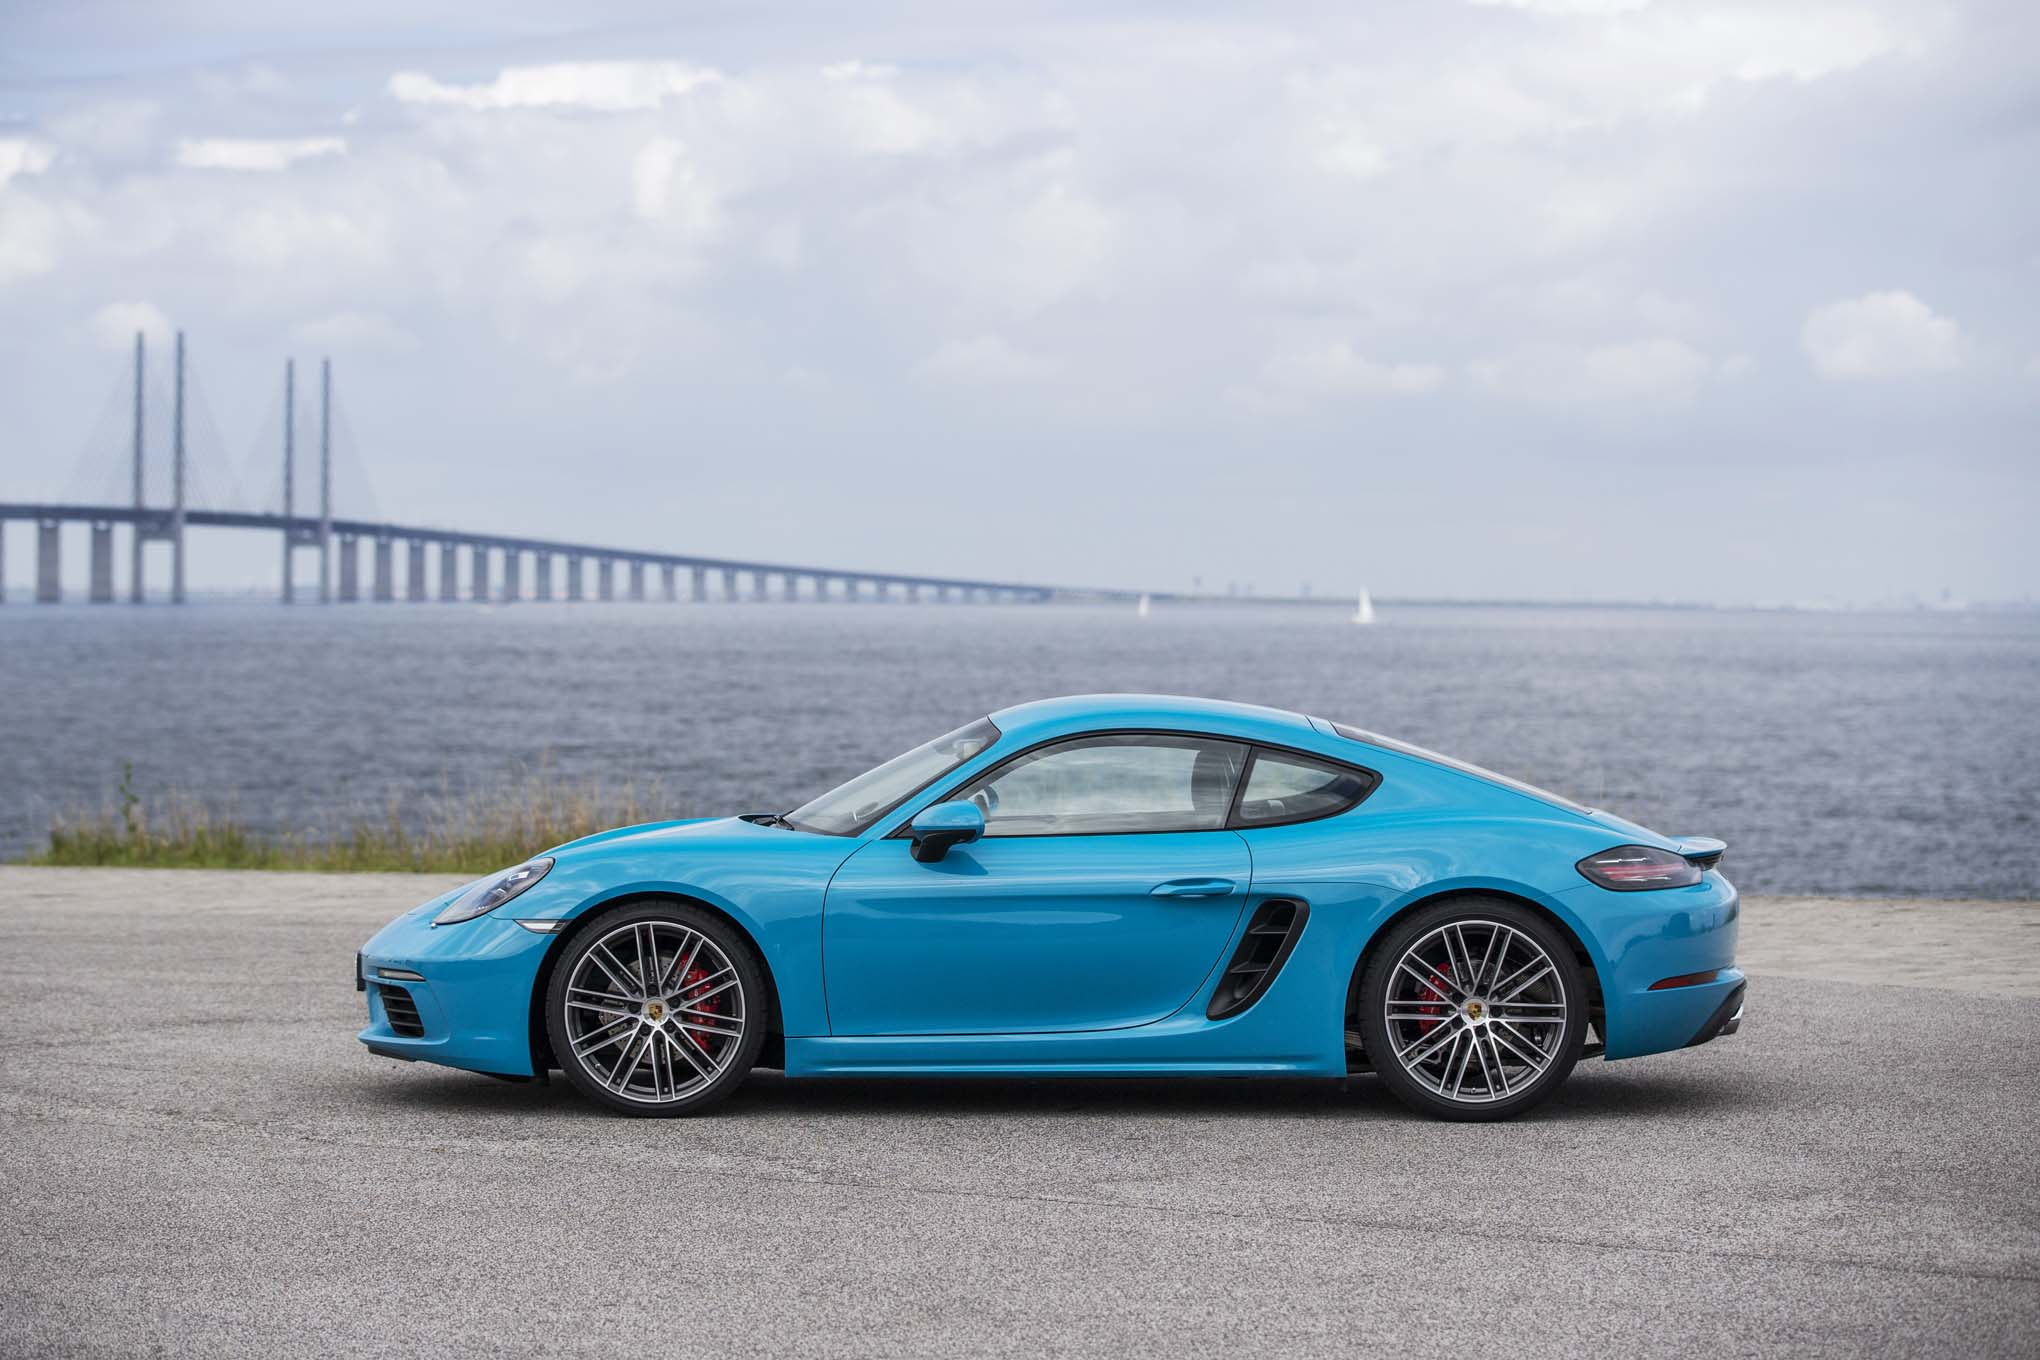 Porsche 718 Cayman Wallpapers Top Free Porsche 718 Cayman Backgrounds Wallpaperaccess